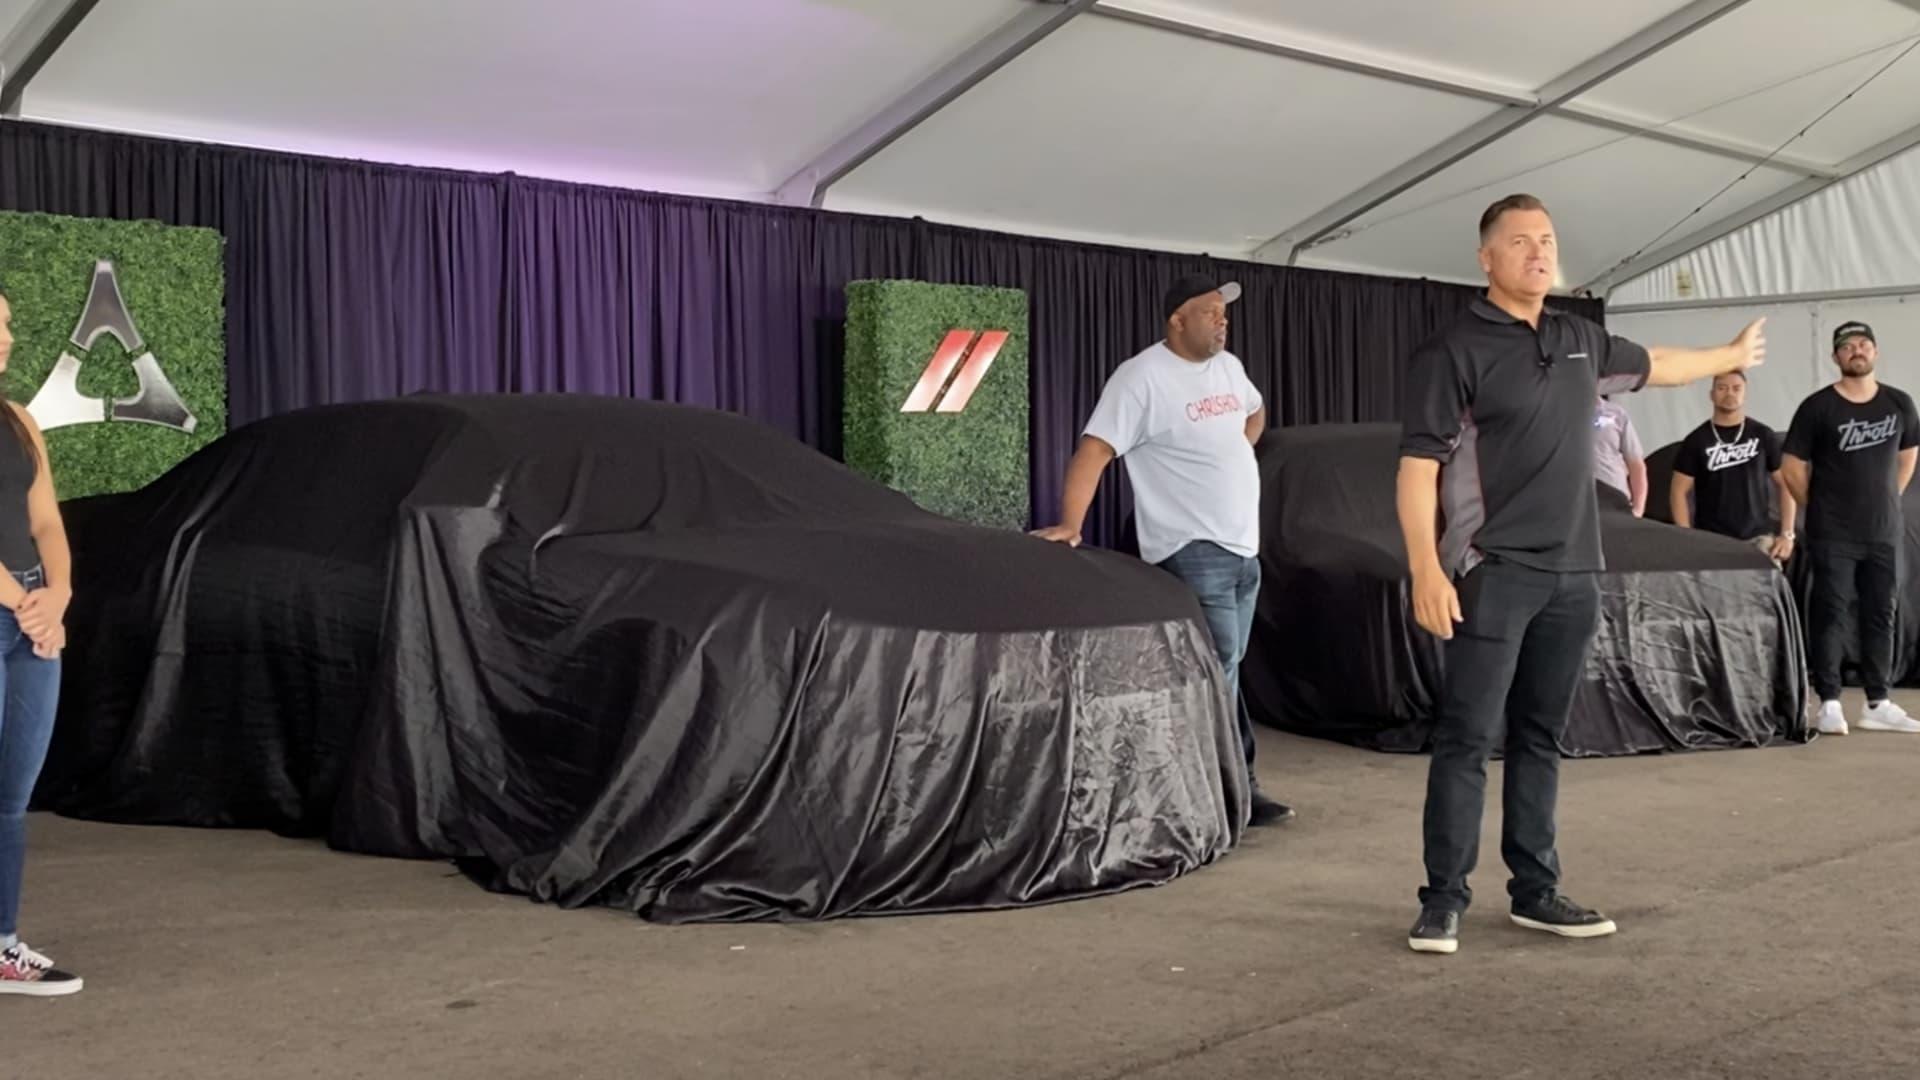 Dodge CEO Tim Kuniskis speaks Aug. 13, 2021 during a media event. In the back, the Fratzog logo was used alongside Dodge's current logo.